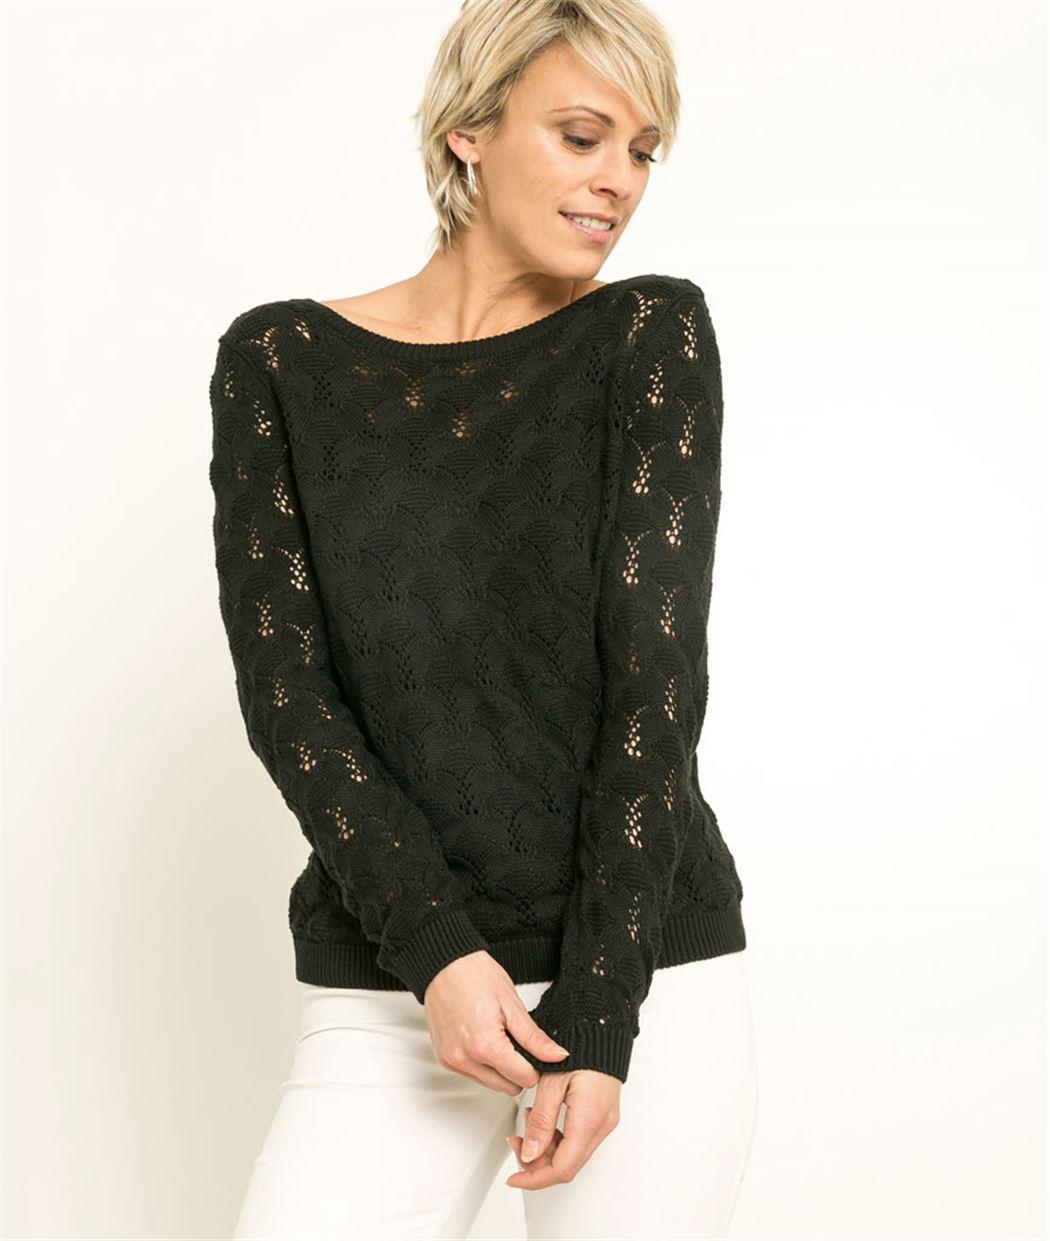 Pull femme tricotage fantaisie NOIR